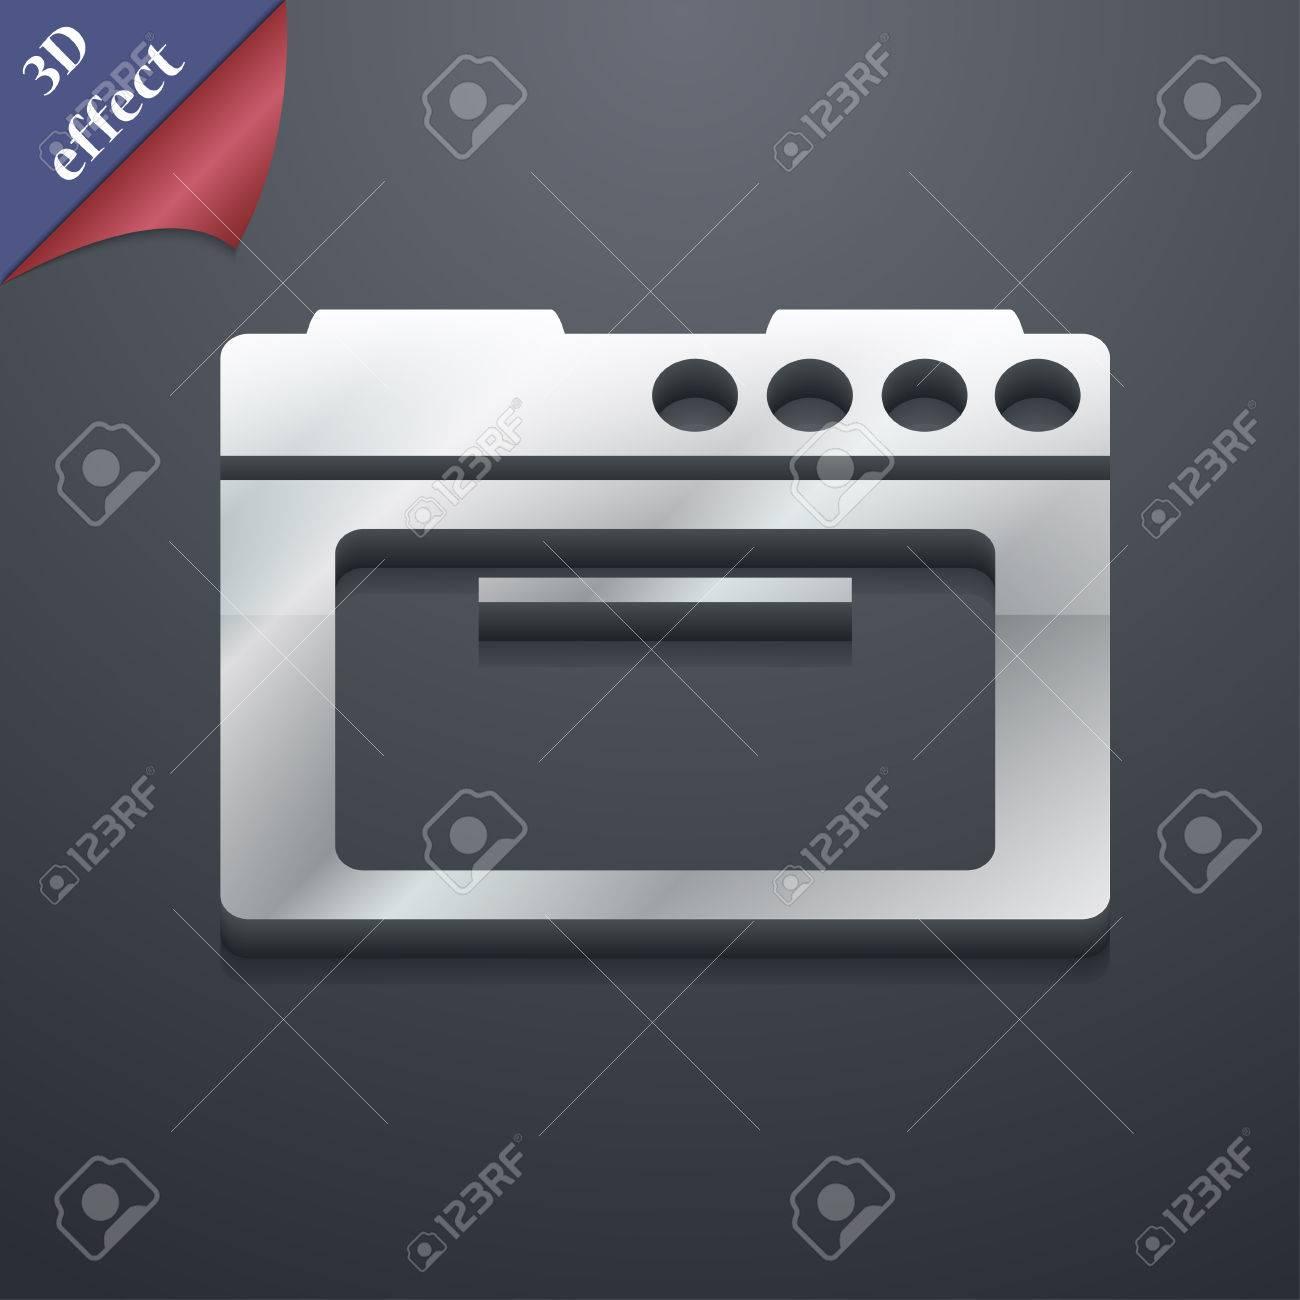 Estufa De La Cocina Icono De Símbolo. Plantillas En 3D. Diseño De ...